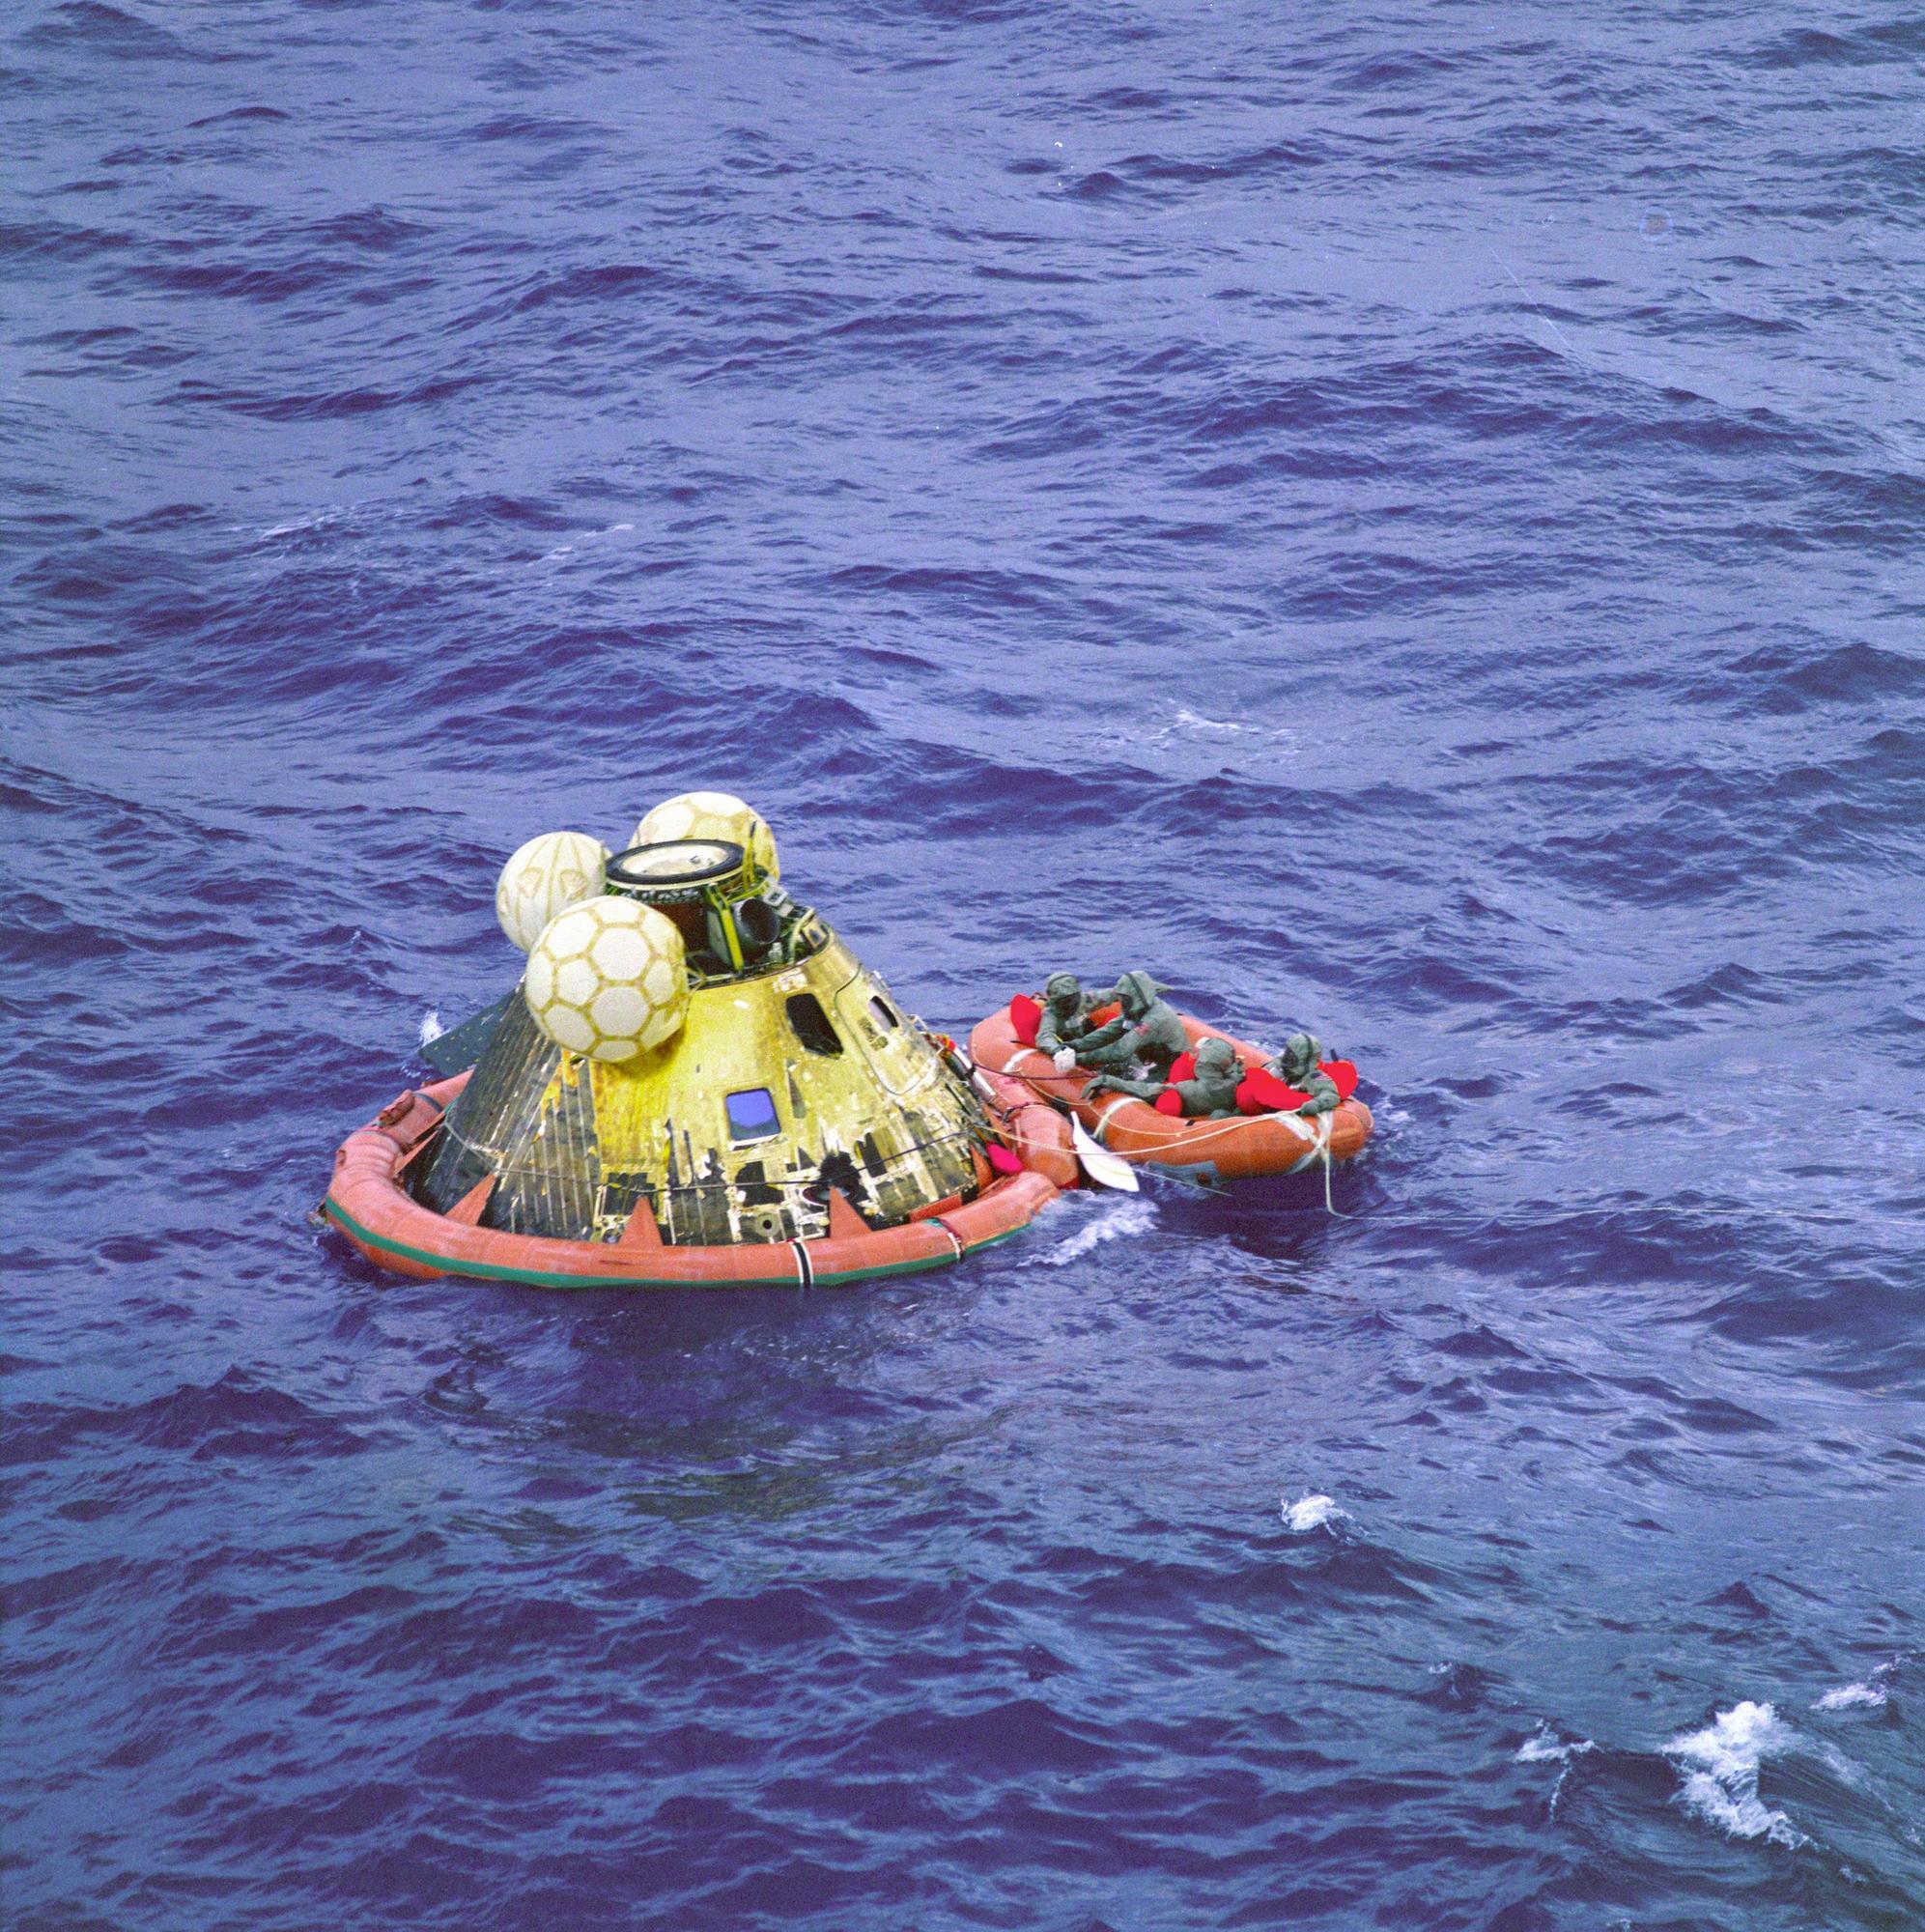 Das Kommandomodul nach der Wasserung im Pazifik